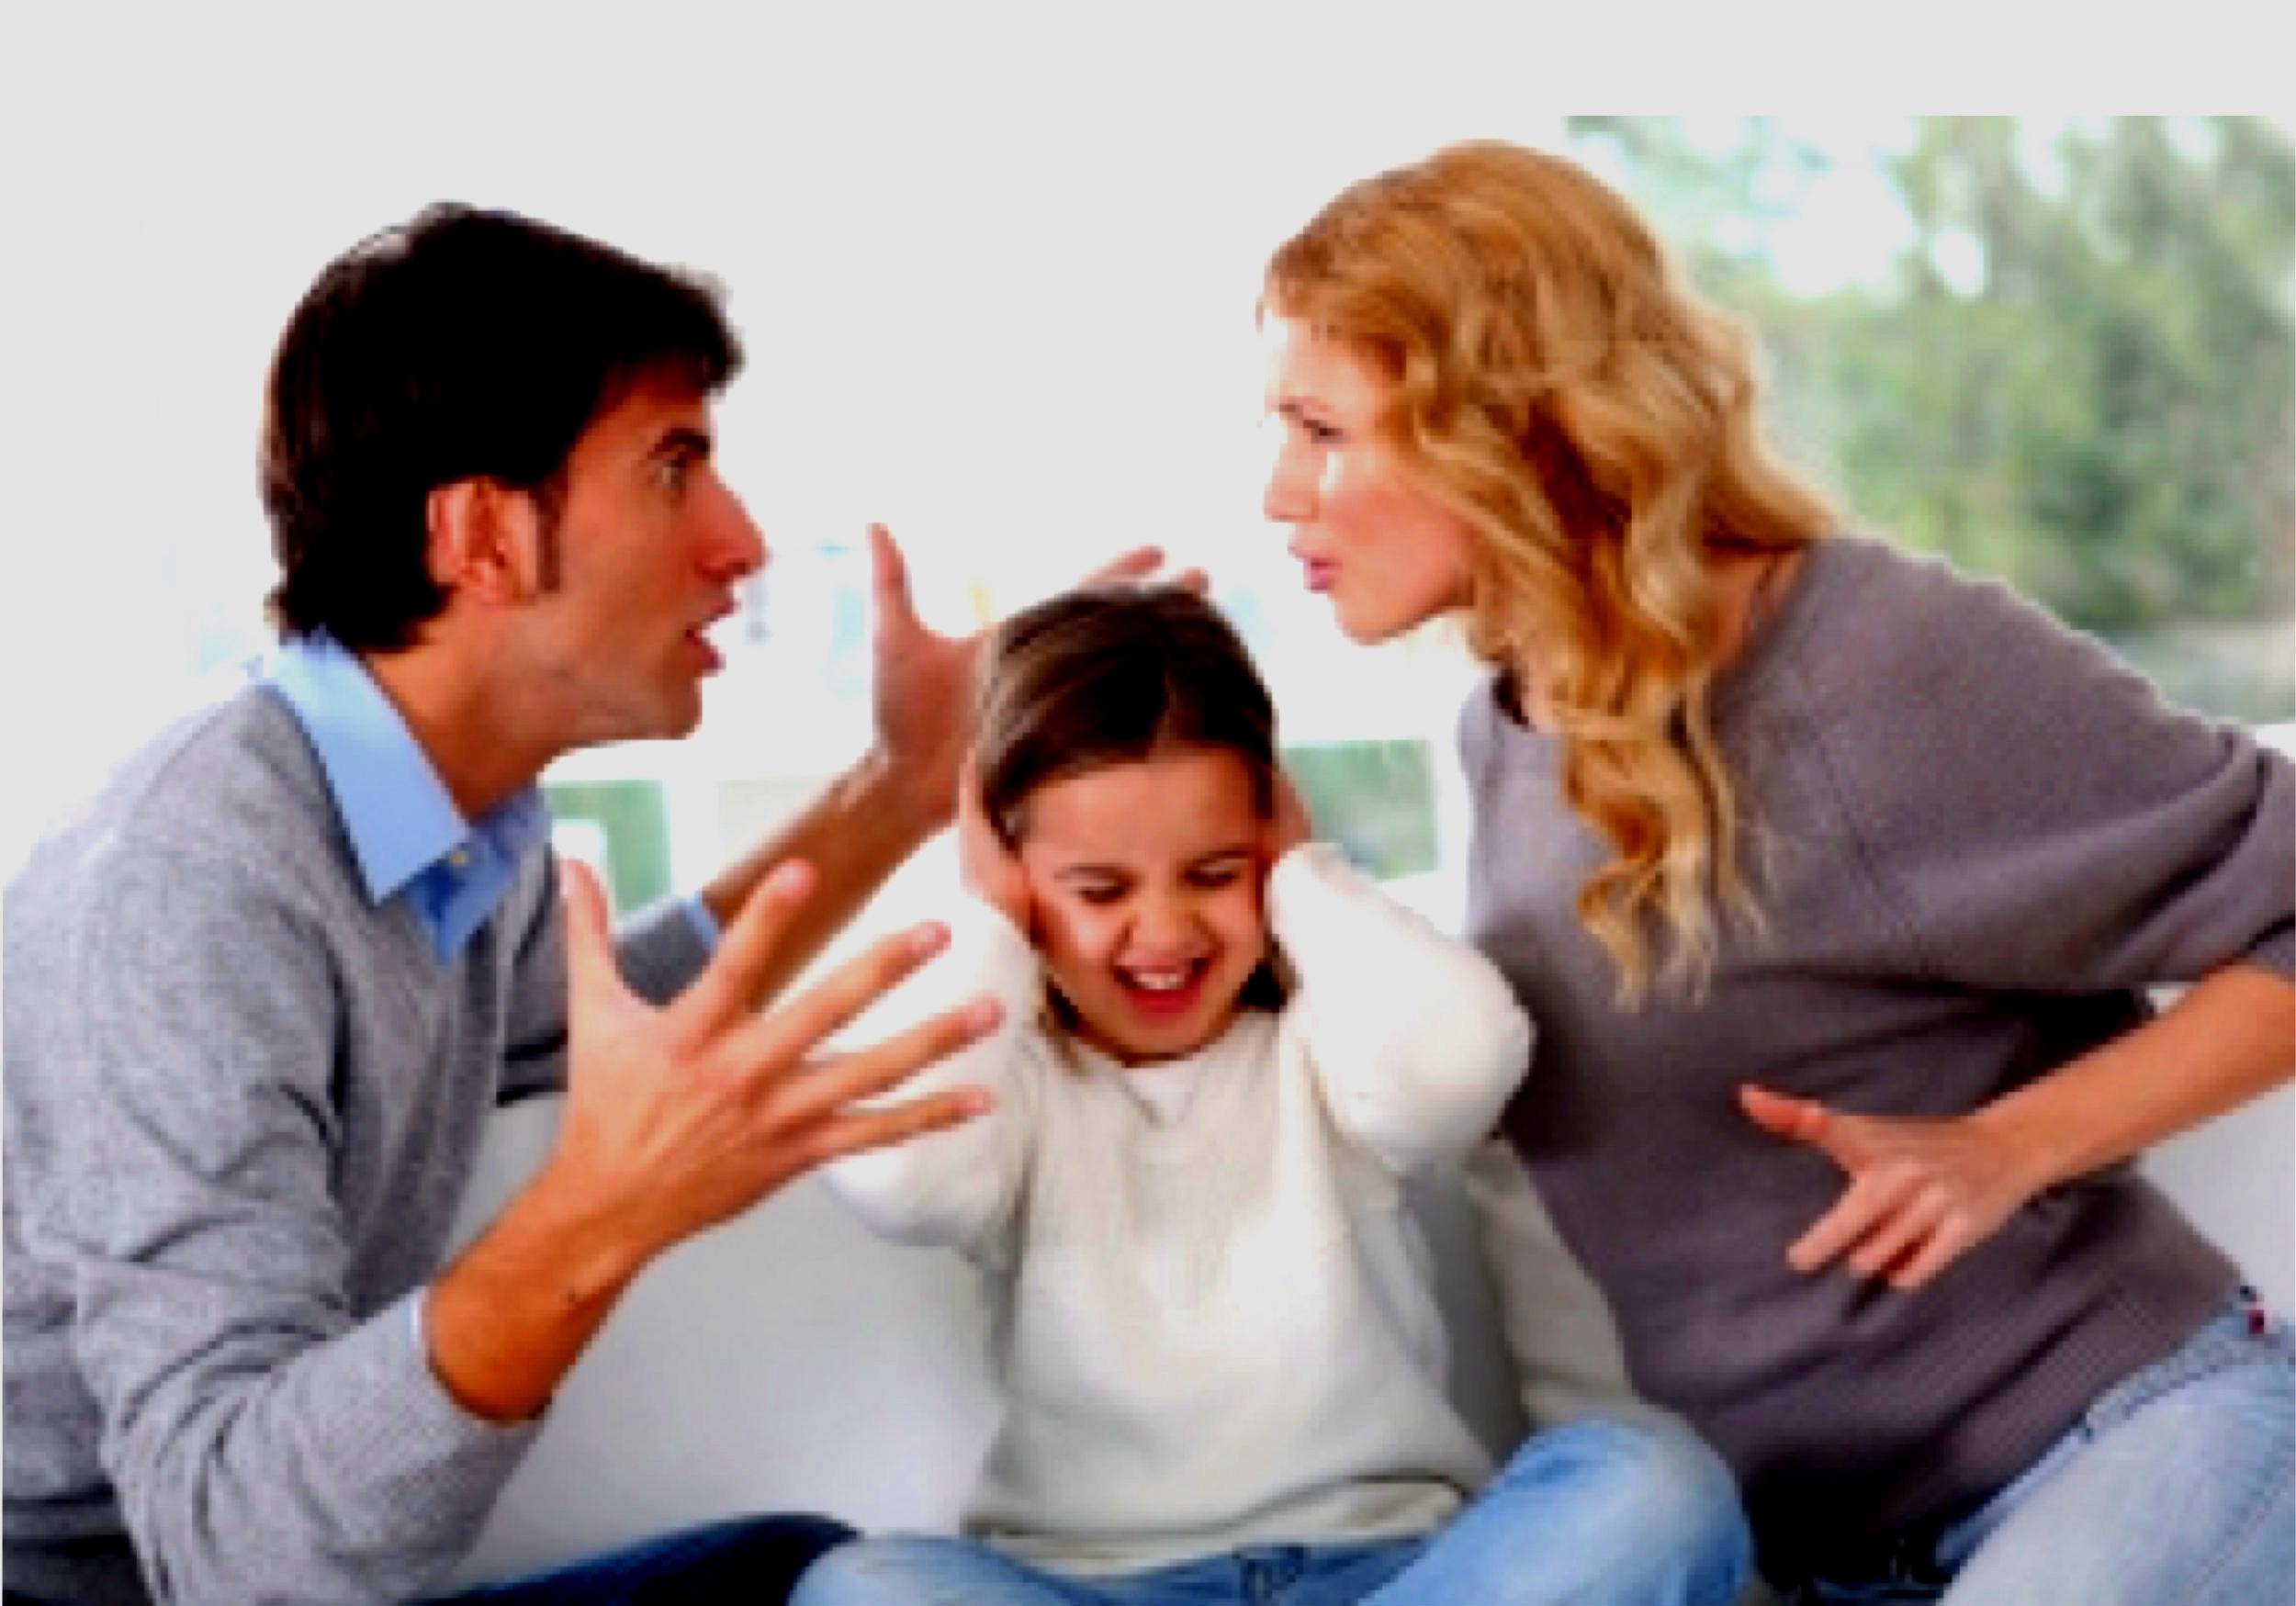 Jacked+Up+Family.jpg